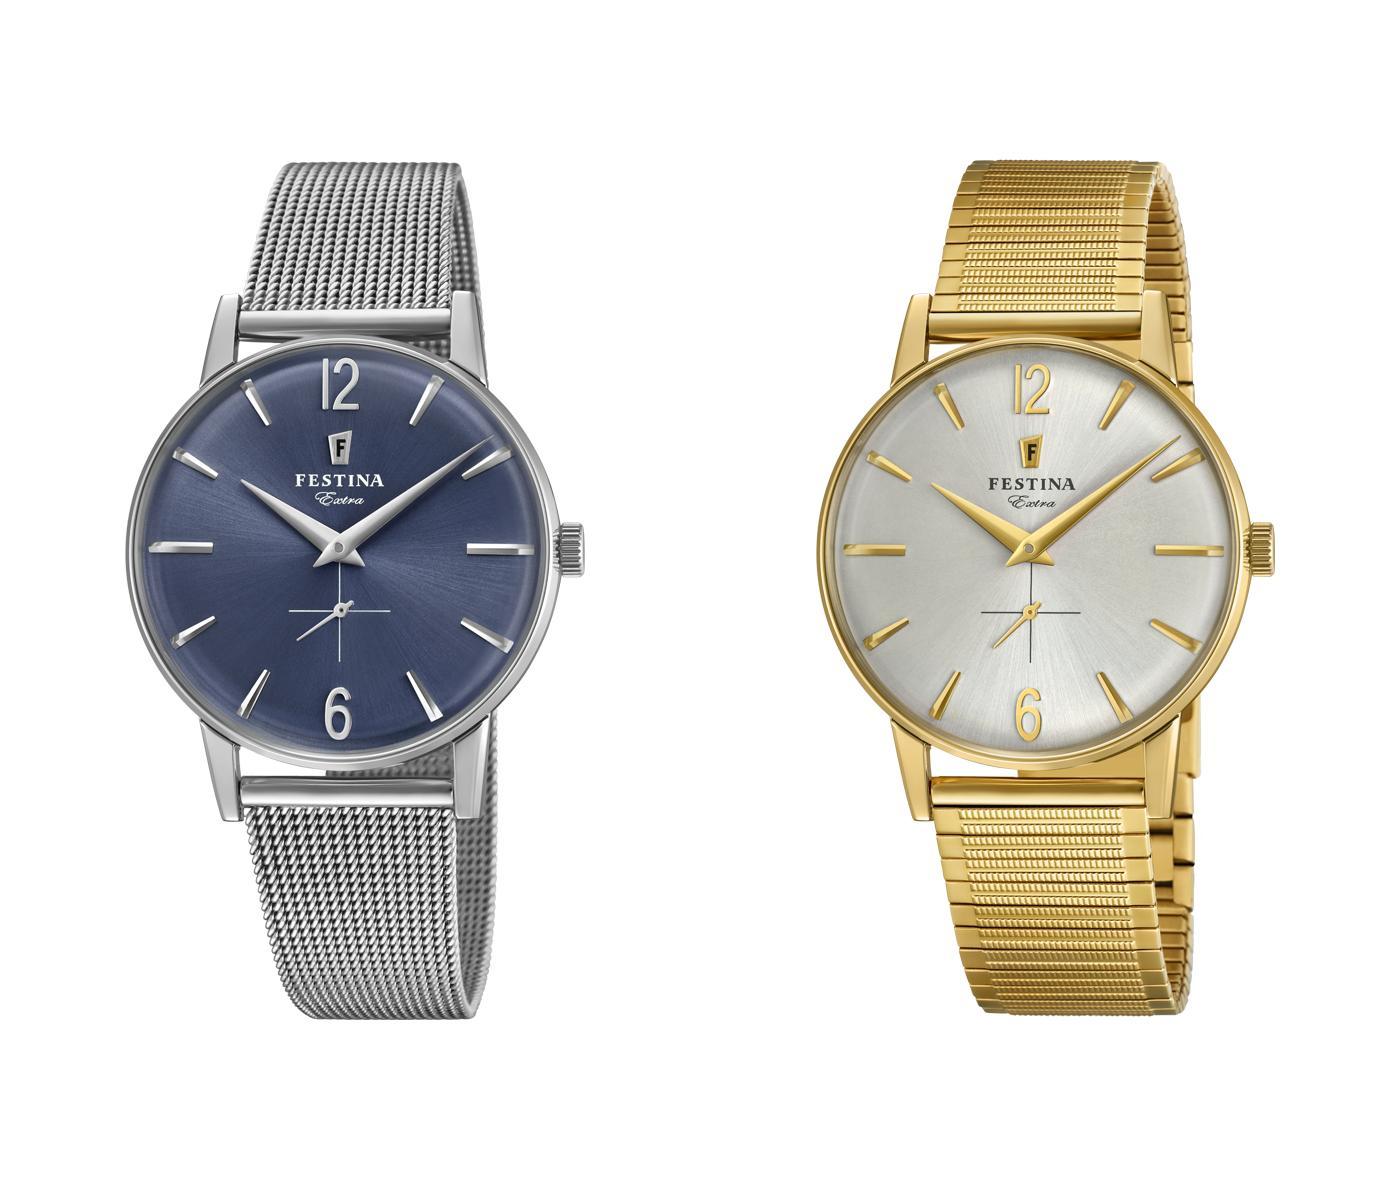 orologi festina vintage